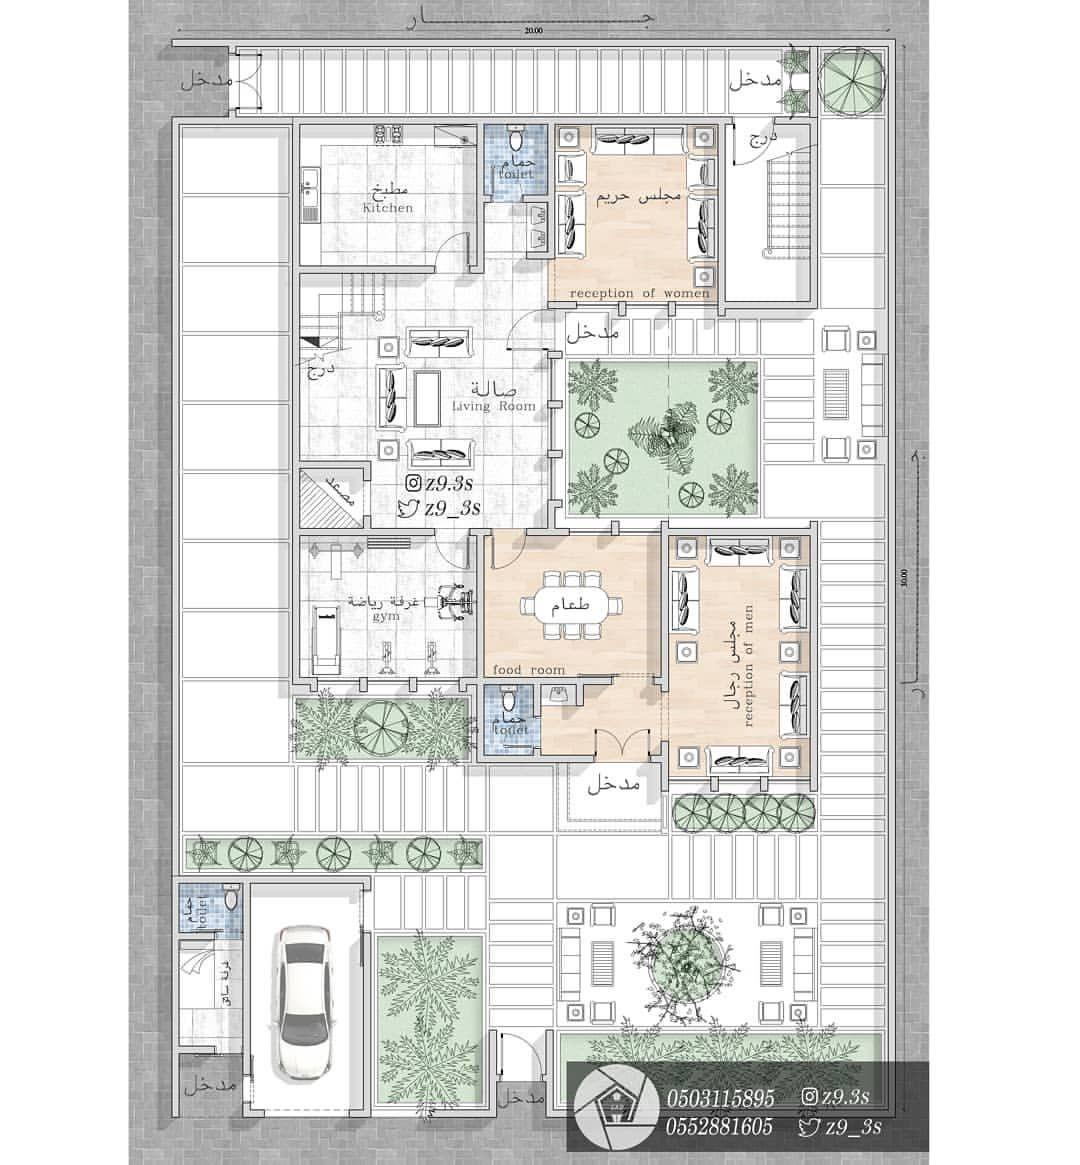 تصميم لفيلا مودرن مساحة الدور الارضي ٢٣٨م٢ فكرة التصميم إدخال أكبر كمية إضاءة طبيعية والا My House Plans Small House Design Philippines Indian House Plans